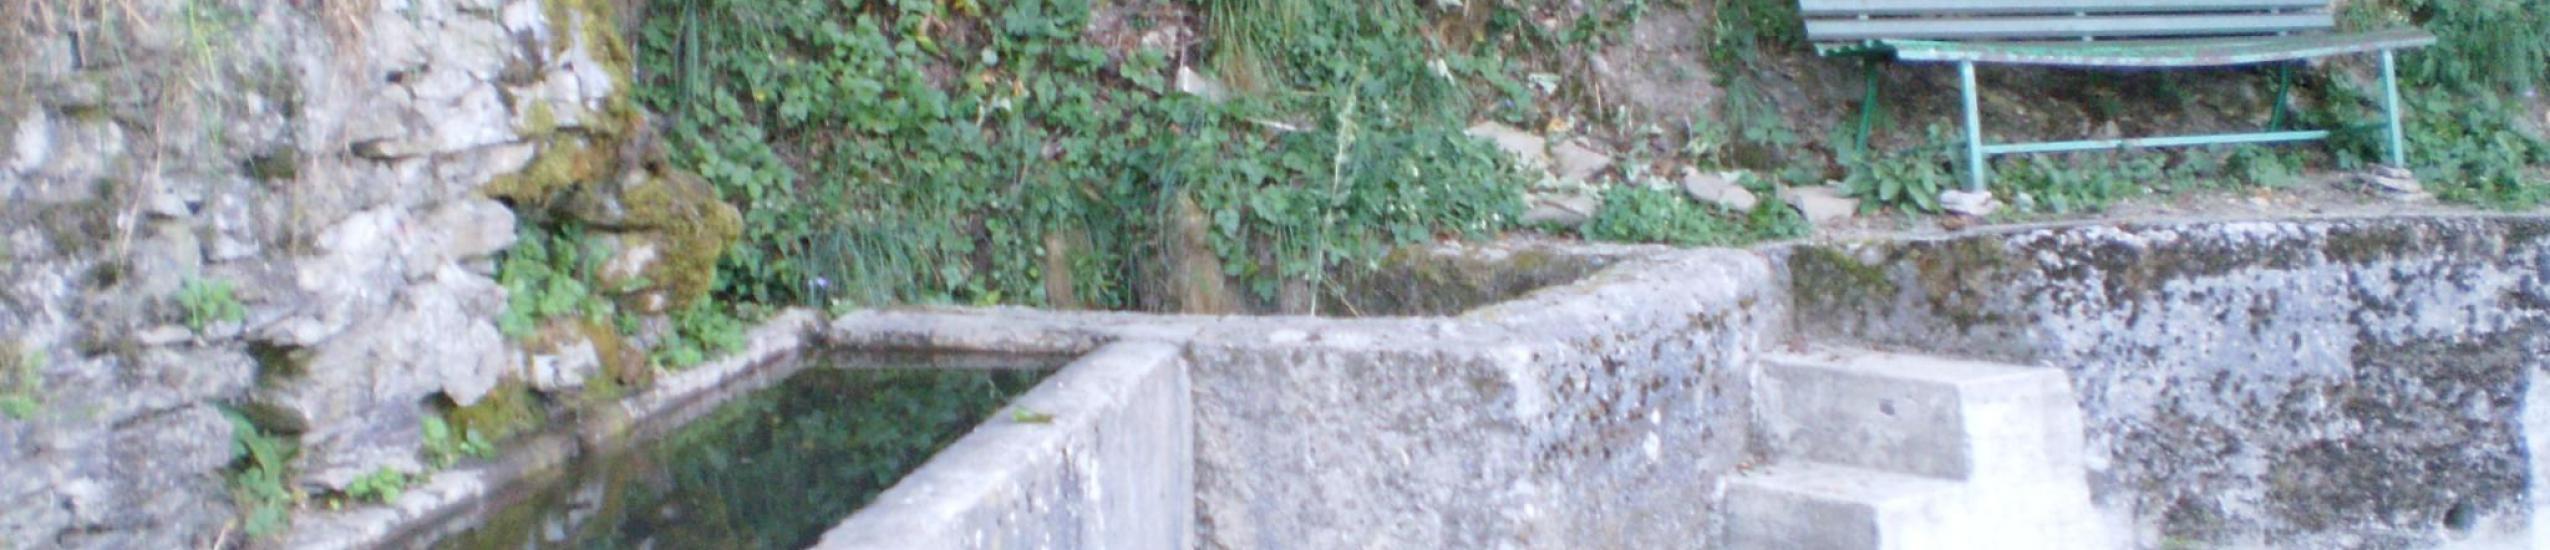 Trogolo e panchina